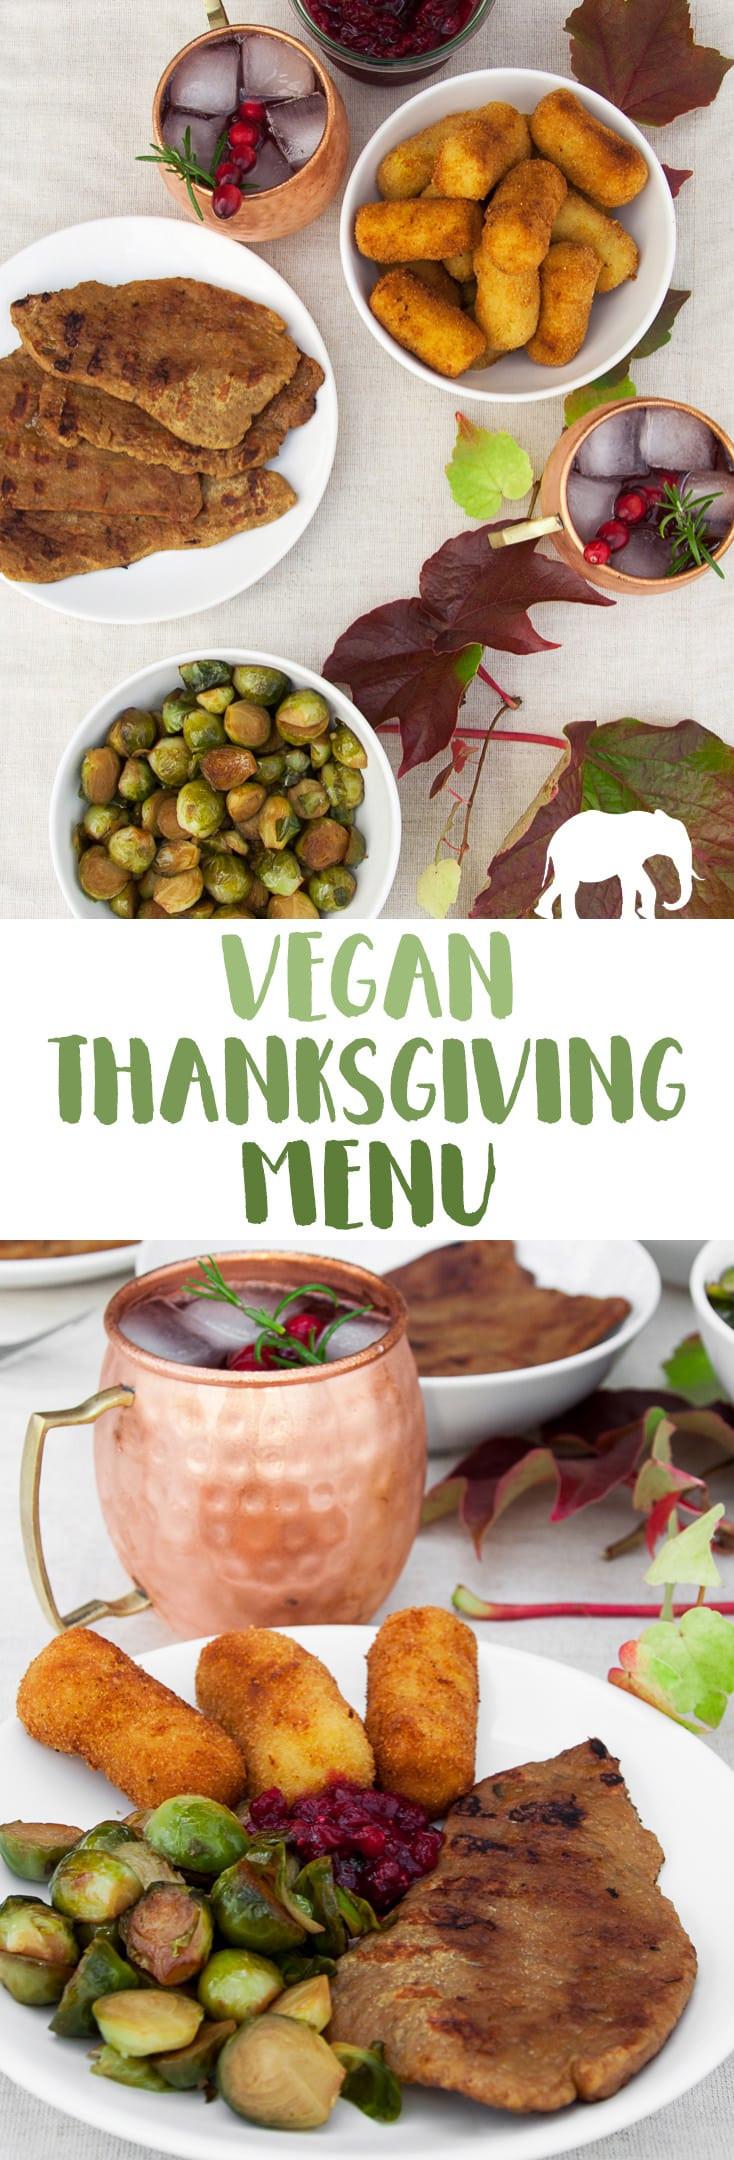 Vegan Thanksgiving 2019  Vegan Thanksgiving Menu Recipes